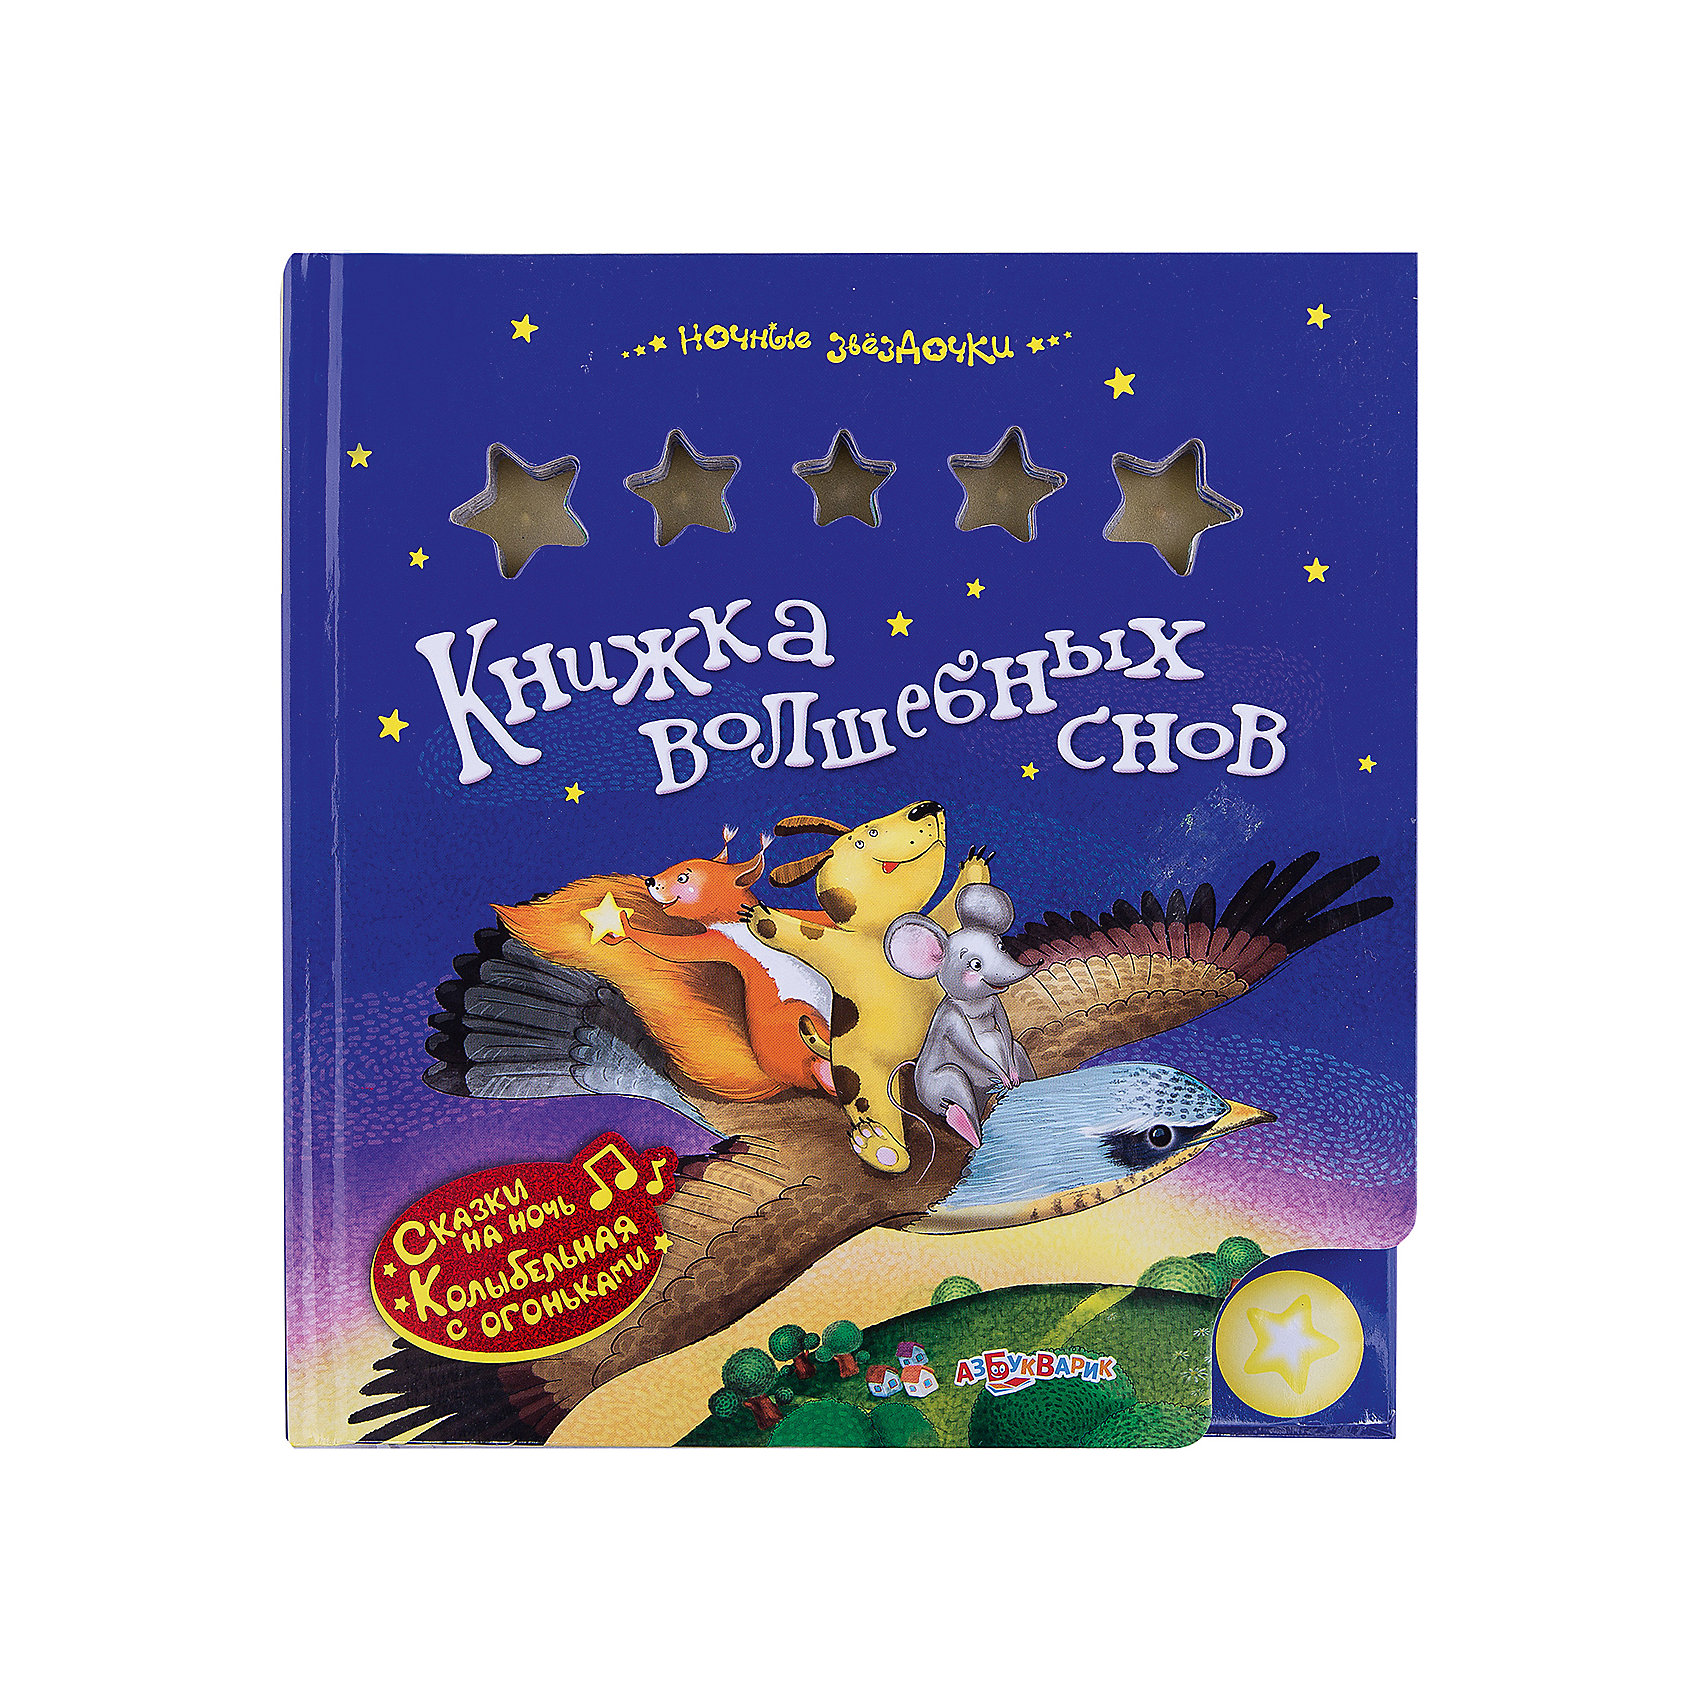 Книжка Волшебных снов Ночные звездочкиМузыкальные книги<br>Книжка Волшебных снов Ночые звездочки – это красочно иллюстрированная книга, которая приносит волшебные сны.<br>Под звуки колыбельной и мягкий свет ночных звездочек так приятно читать и слушать добрые сказки! Нажми на кнопочку - и загорятся огоньки. Нажми еще раз - и зазвучит колыбельная, а огоньки начнут мигать, как звездочки в ночном небе. Нажми в третий раз - и книжка уснет. Приятных сновидений!<br><br>Дополнительная информация:<br><br>- Содержание: С. Прокофьев «Сказка о невоспитанном мышонке»; М. Пляцковский «Осколок луна на черепичной крыше»; Г. Цыферов «Паровозик из Ромашково»; Н. Абрамцева «Поговорили»<br>- Песня: «За печкой поет сверчок» слова Эмилии Аспазия, музыка Раймонда Паулса<br>- Редактор-составитель: Ольга Потапенко<br>- Художник: Юлия Пилипчатина<br>- Издательство: Азбукварик Групп<br>- Серия: Ночные звездочки<br>- Тип обложки: картонная обложка<br>- Оформление: картонная книга в пухлой обложке со звуковым модулем и огоньками<br>- Количество страниц: 16 (картон)<br>- Иллюстрации: цветные<br>- Батарейки: 3 типа AG10/LR54 (в комплекте демонстрационные)<br>- Размер: 225х20х235 мм.<br>- Вес: 580 гр.<br><br>Книжку Волшебных снов Ночные звездочки можно купить в нашем интернет-магазине.<br><br>Ширина мм: 225<br>Глубина мм: 20<br>Высота мм: 235<br>Вес г: 580<br>Возраст от месяцев: 12<br>Возраст до месяцев: 36<br>Пол: Унисекс<br>Возраст: Детский<br>SKU: 4663839